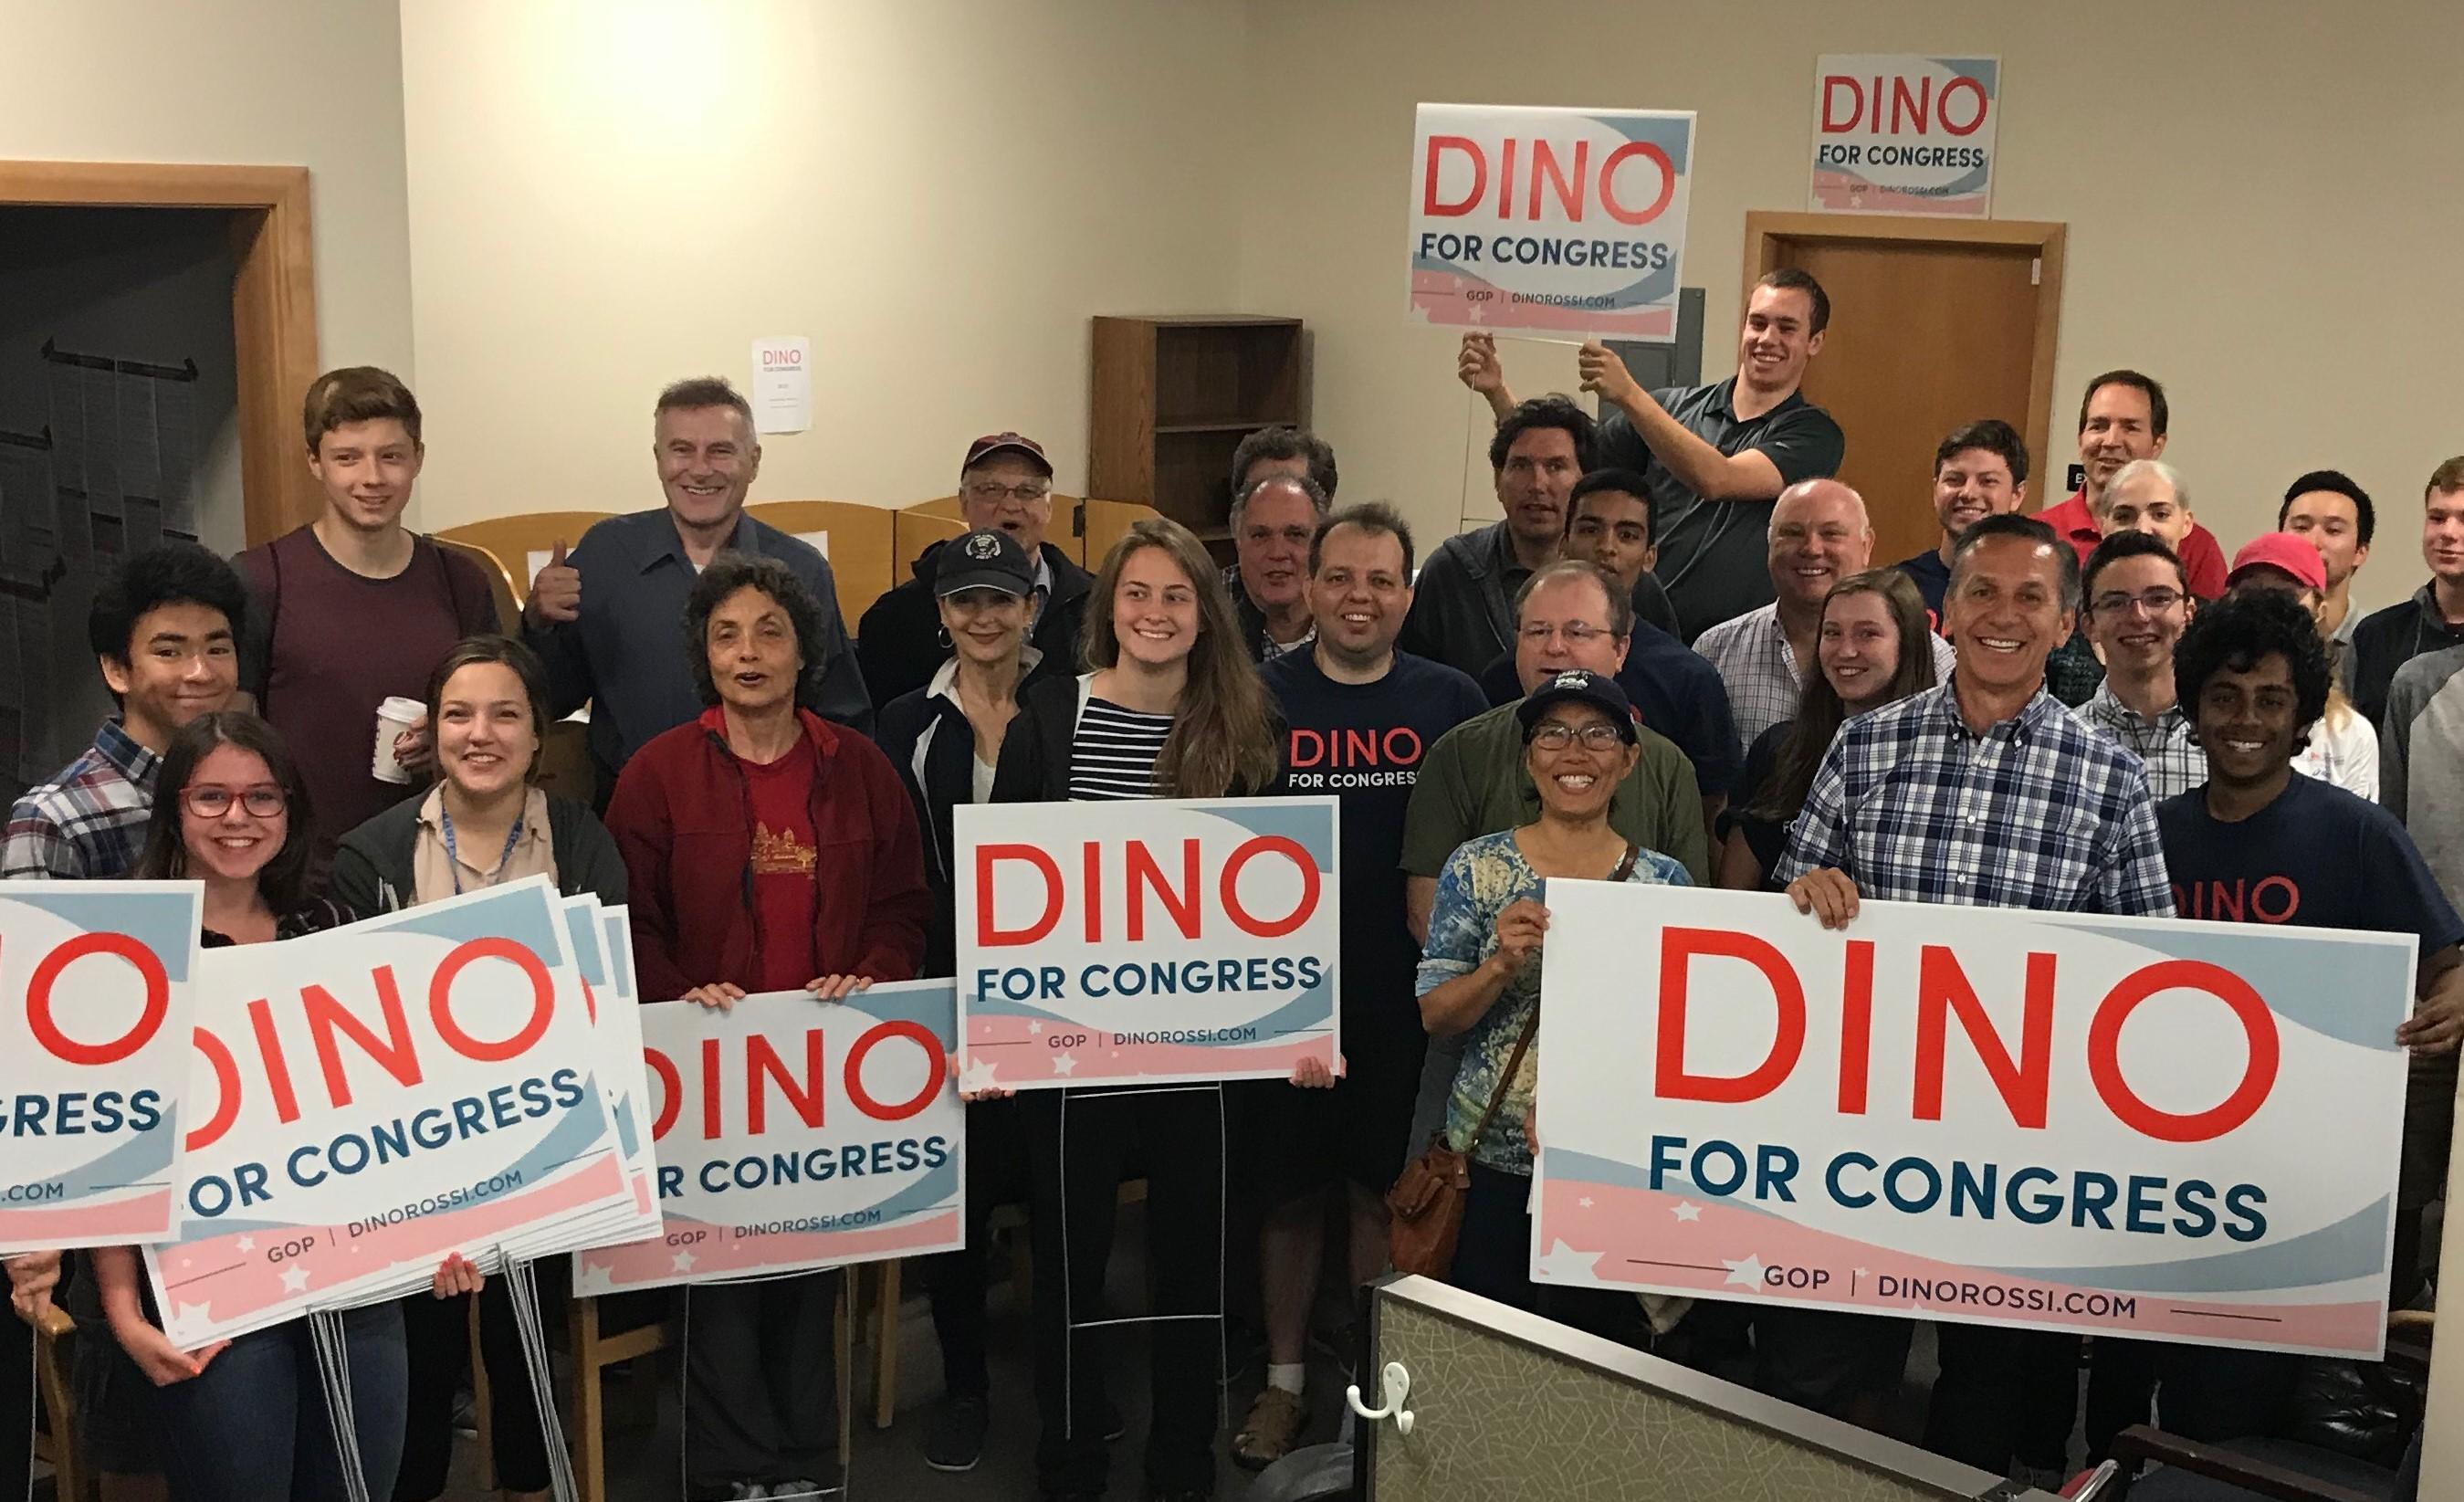 Dino_Volunteers_in_Campaign_Office.jpg